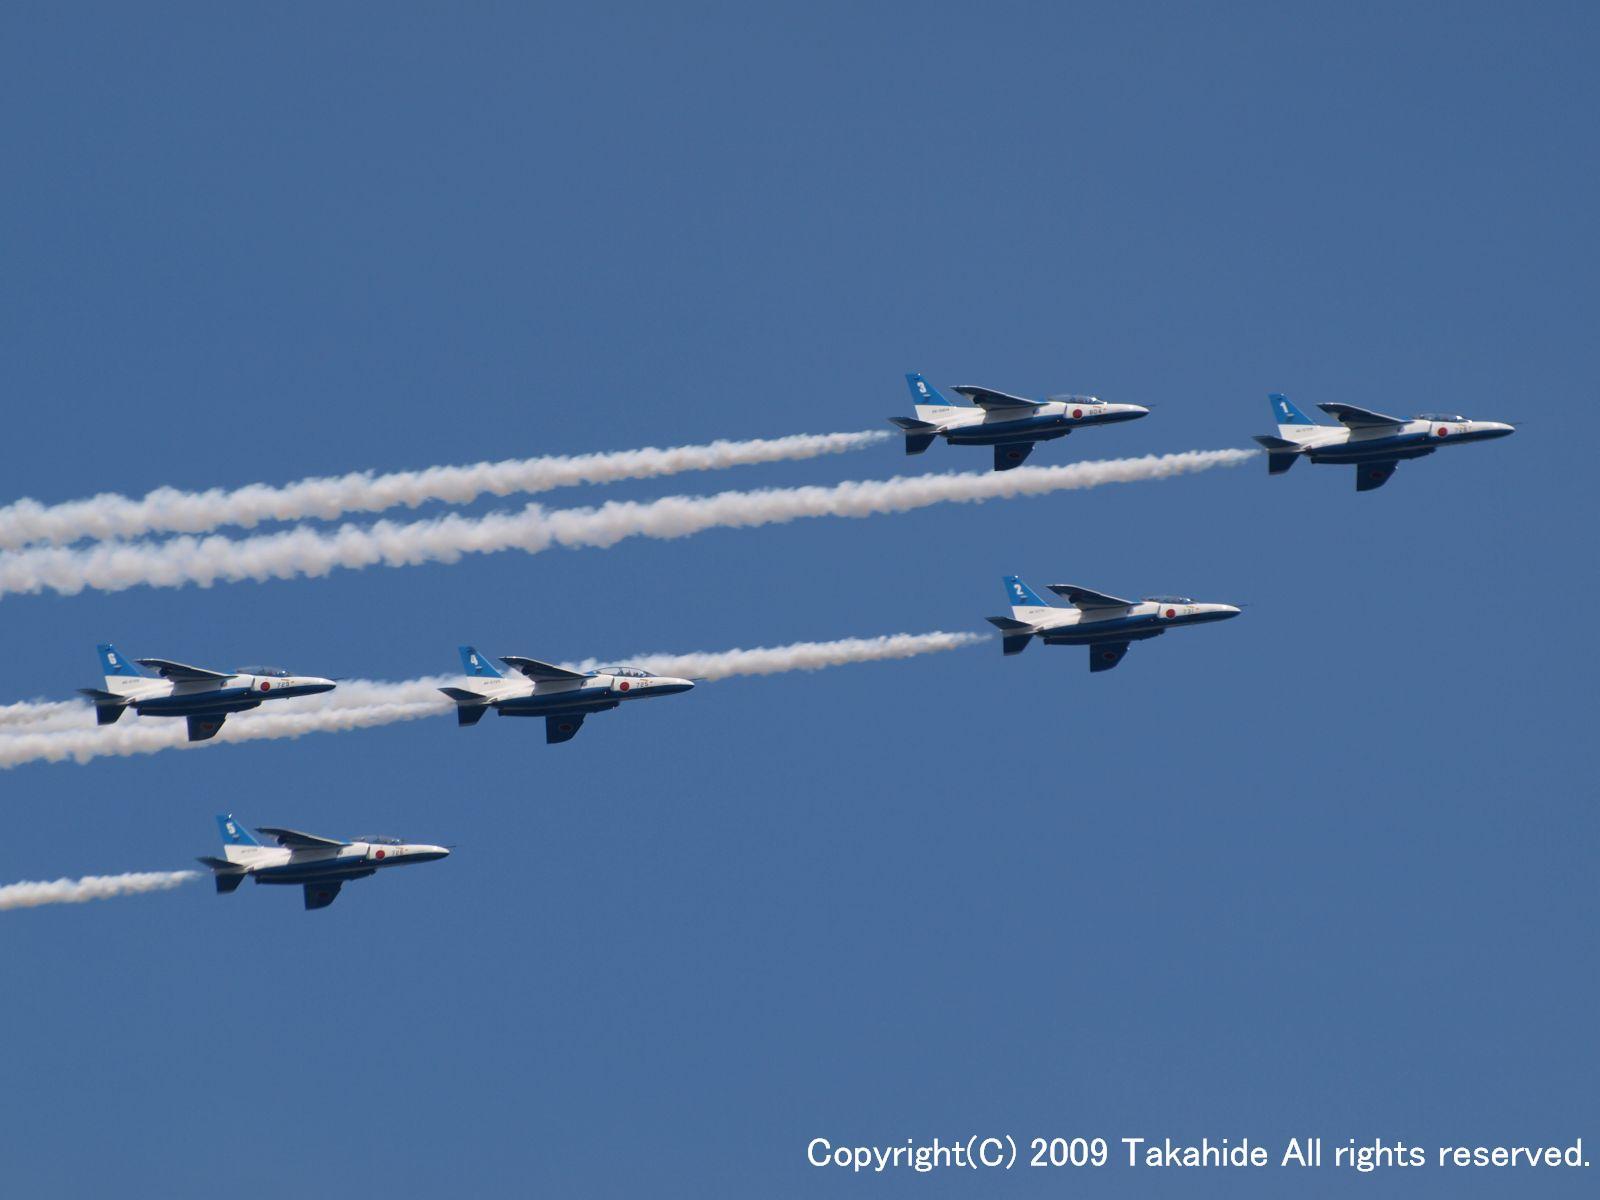 横浜開港150周年 第28回 横浜開港祭 ブルーインパルス展示飛行